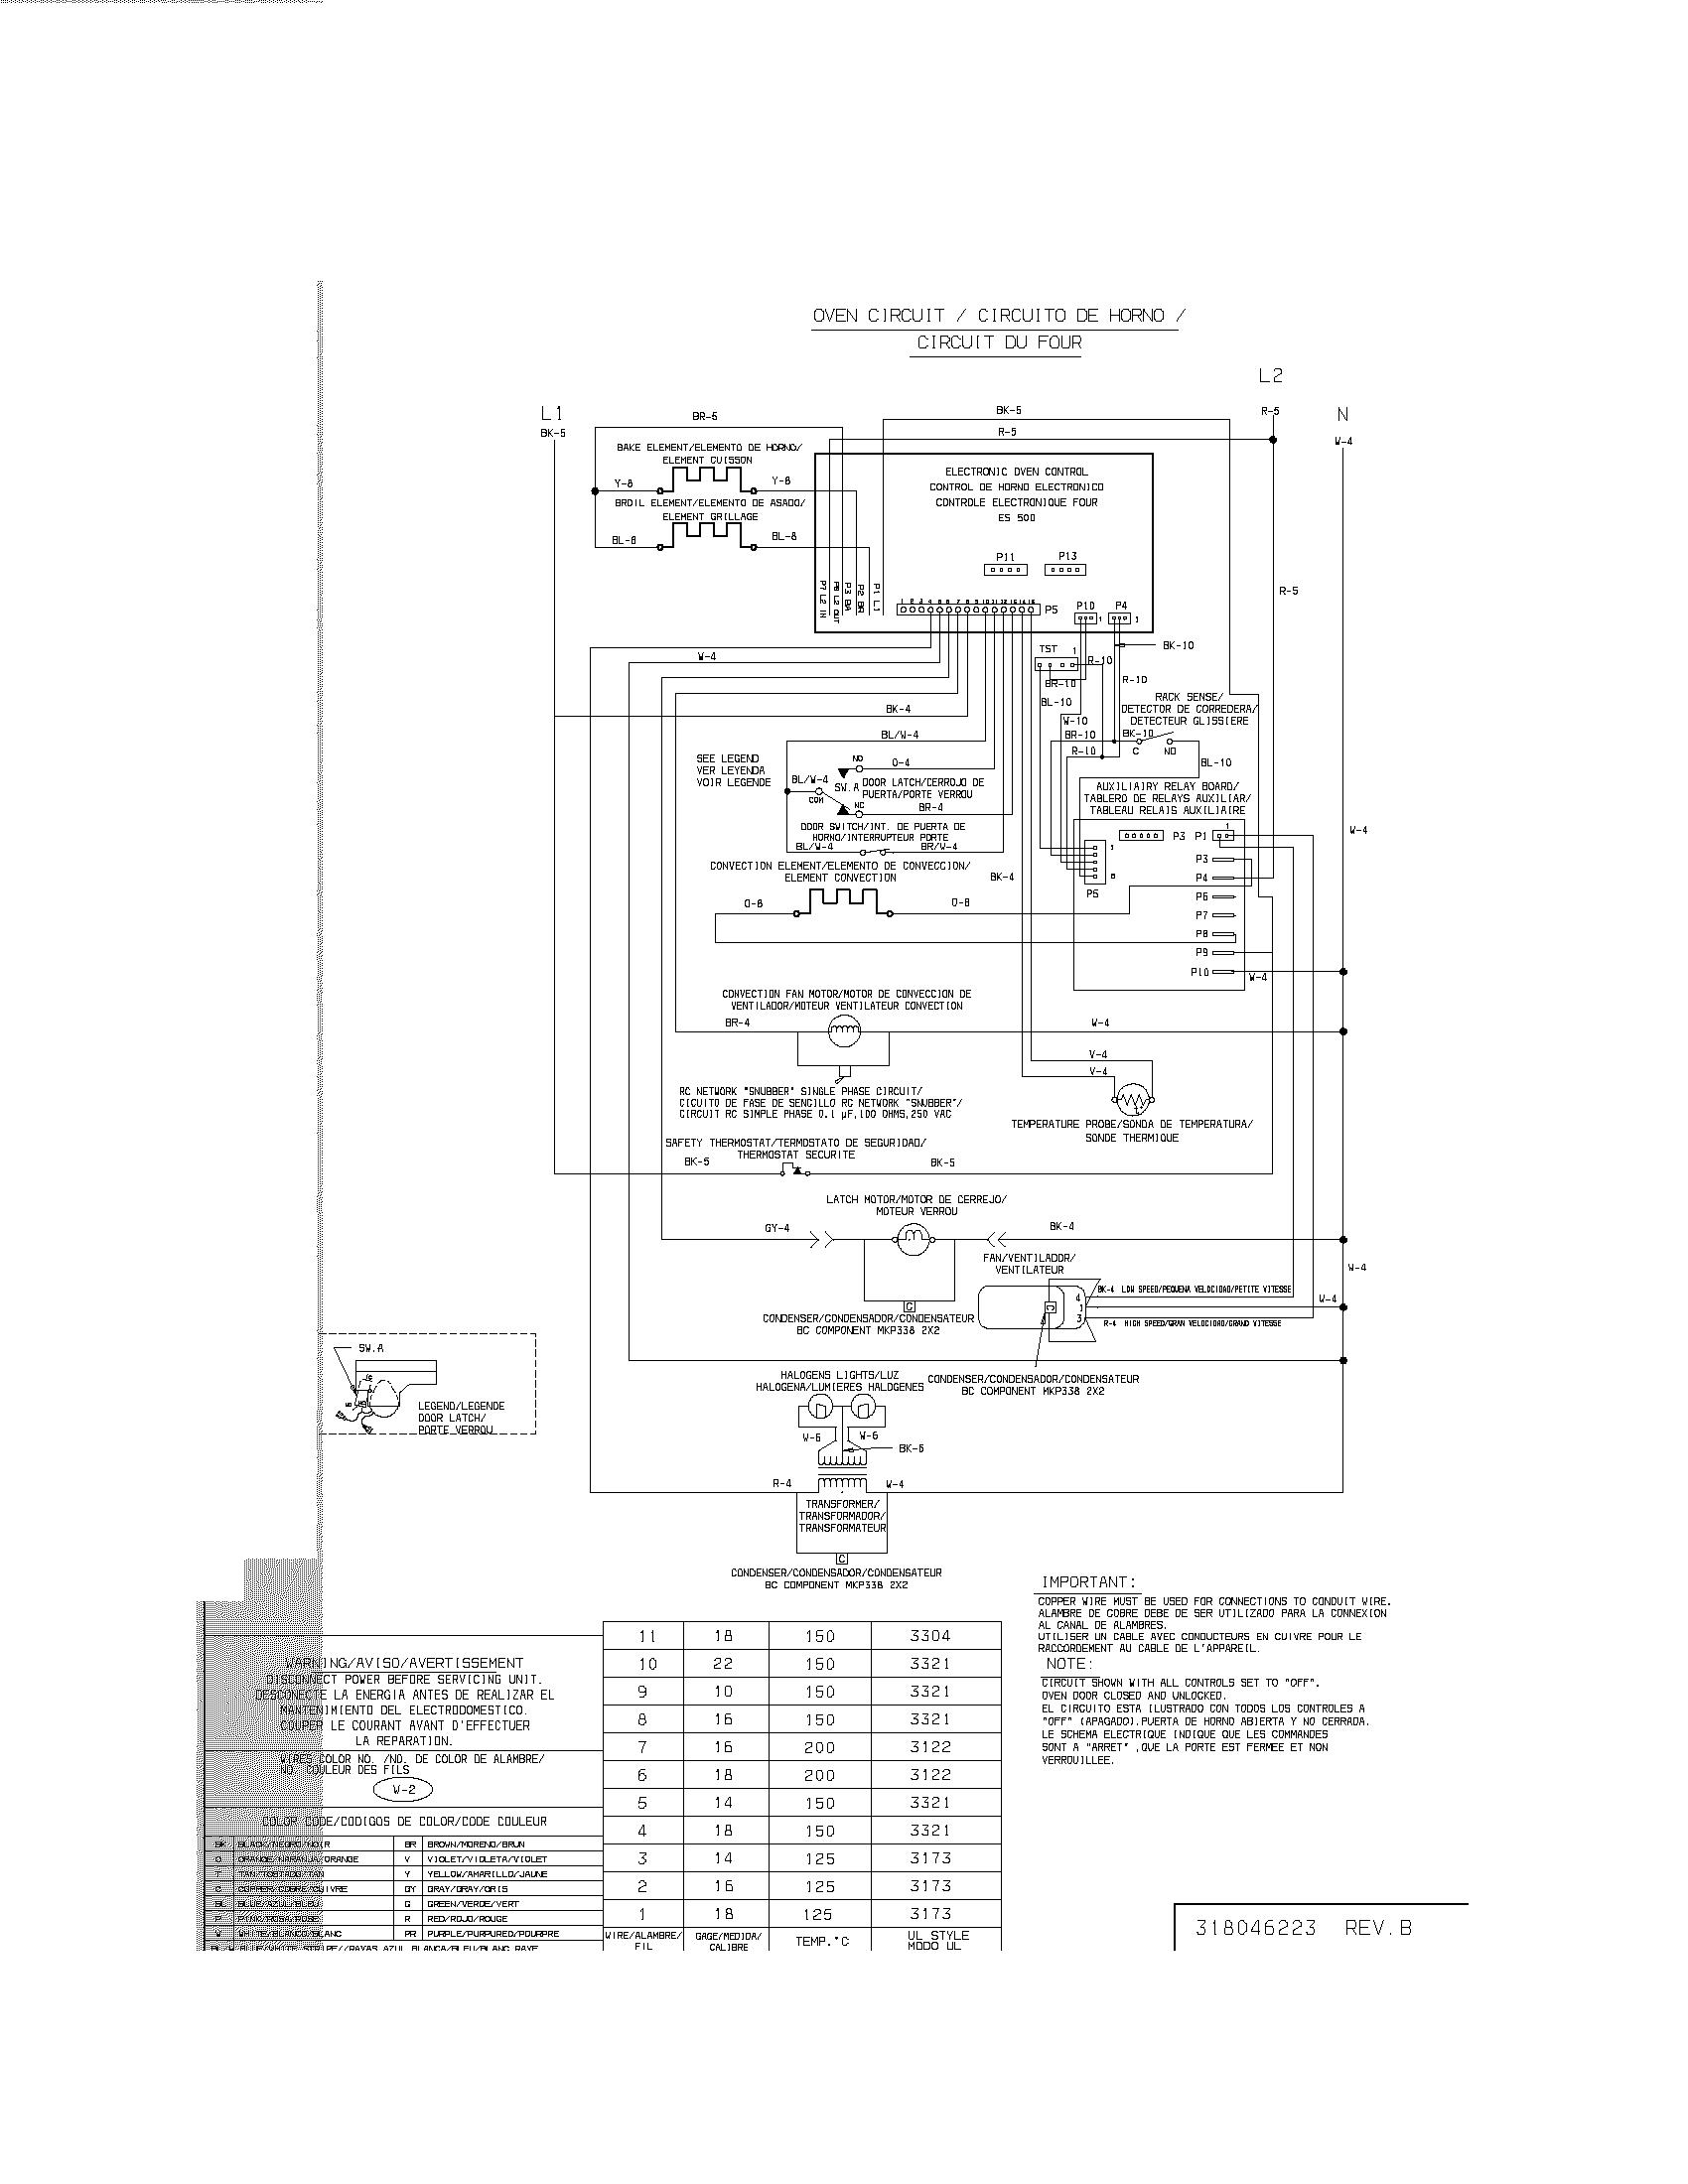 Ge Oven Wiring Diagram Jkp54. . Wiring Diagram Fb Komatsu Forklift Wiring Diagrams on